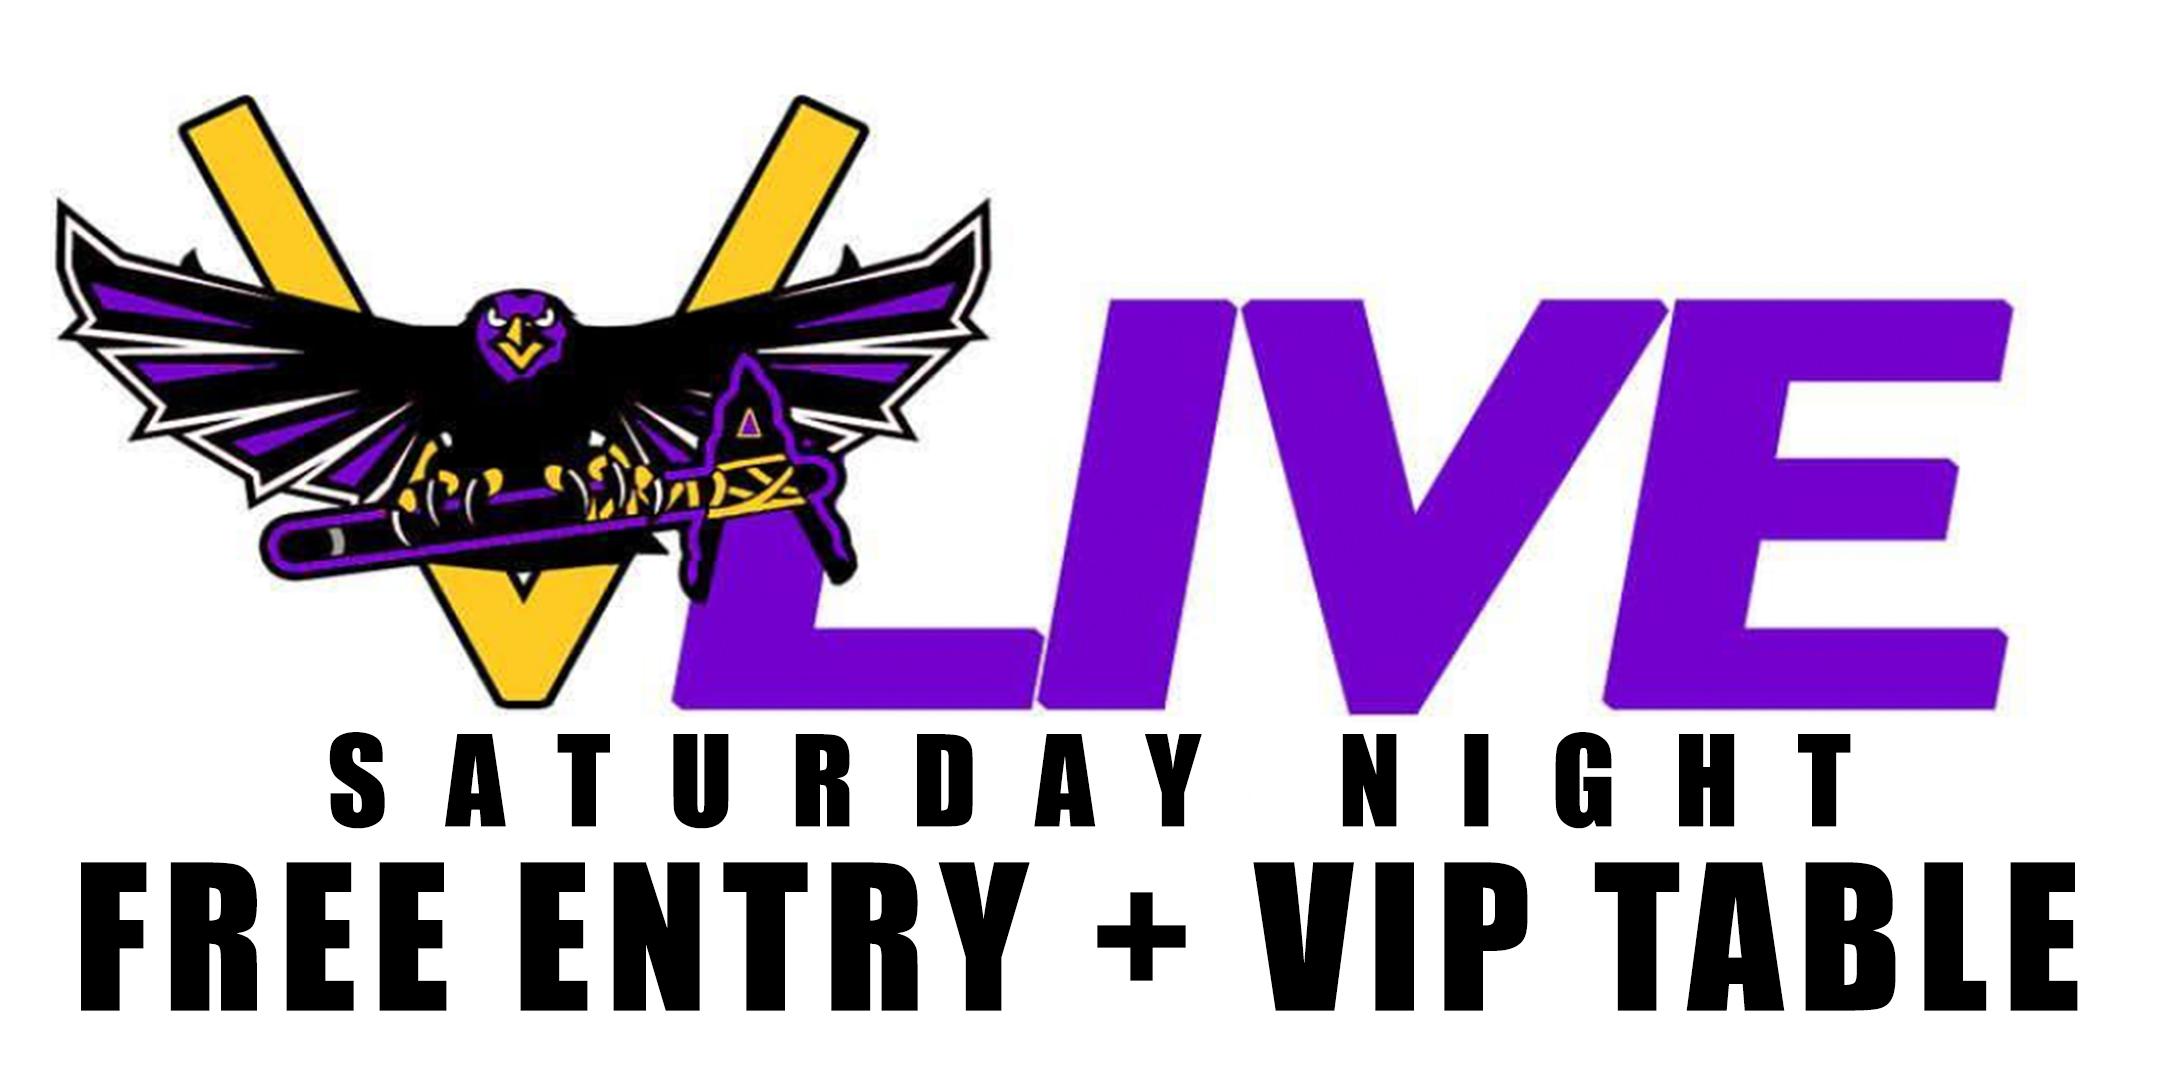 PARTY FREE THIS SATURDAY @ V-LIVE ATLANTA - FREE VIP ENTRY + VIP